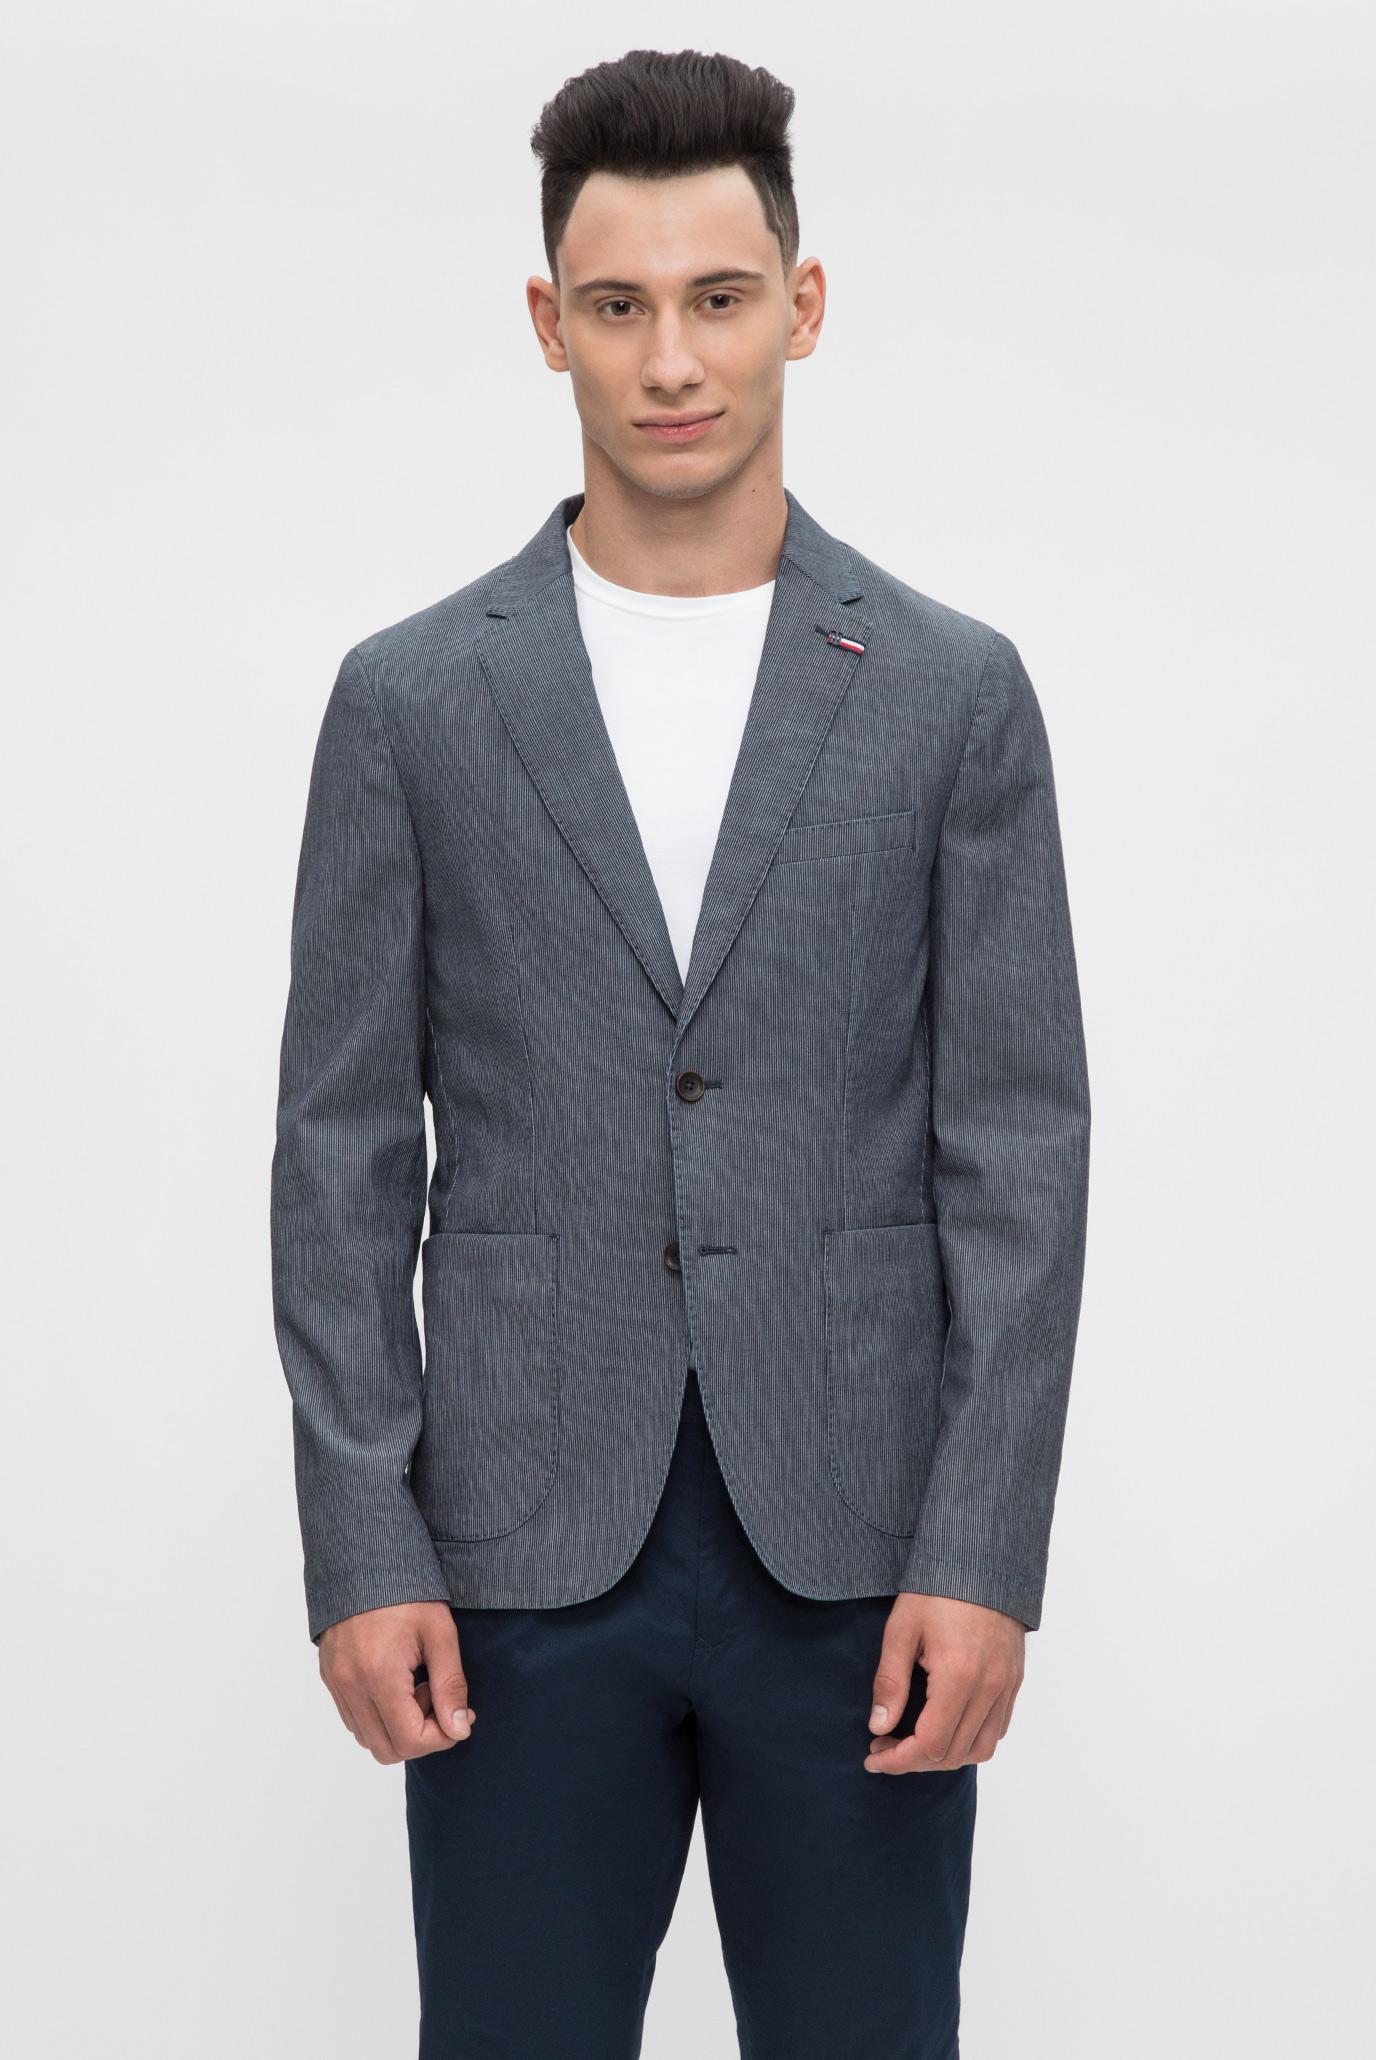 ffaaccdf9753 Купить Мужской синий пиджак Tommy Hilfiger Tommy Hilfiger MW0MW05269 –  Киев, Украина. Цены в интернет магазине MD Fashion